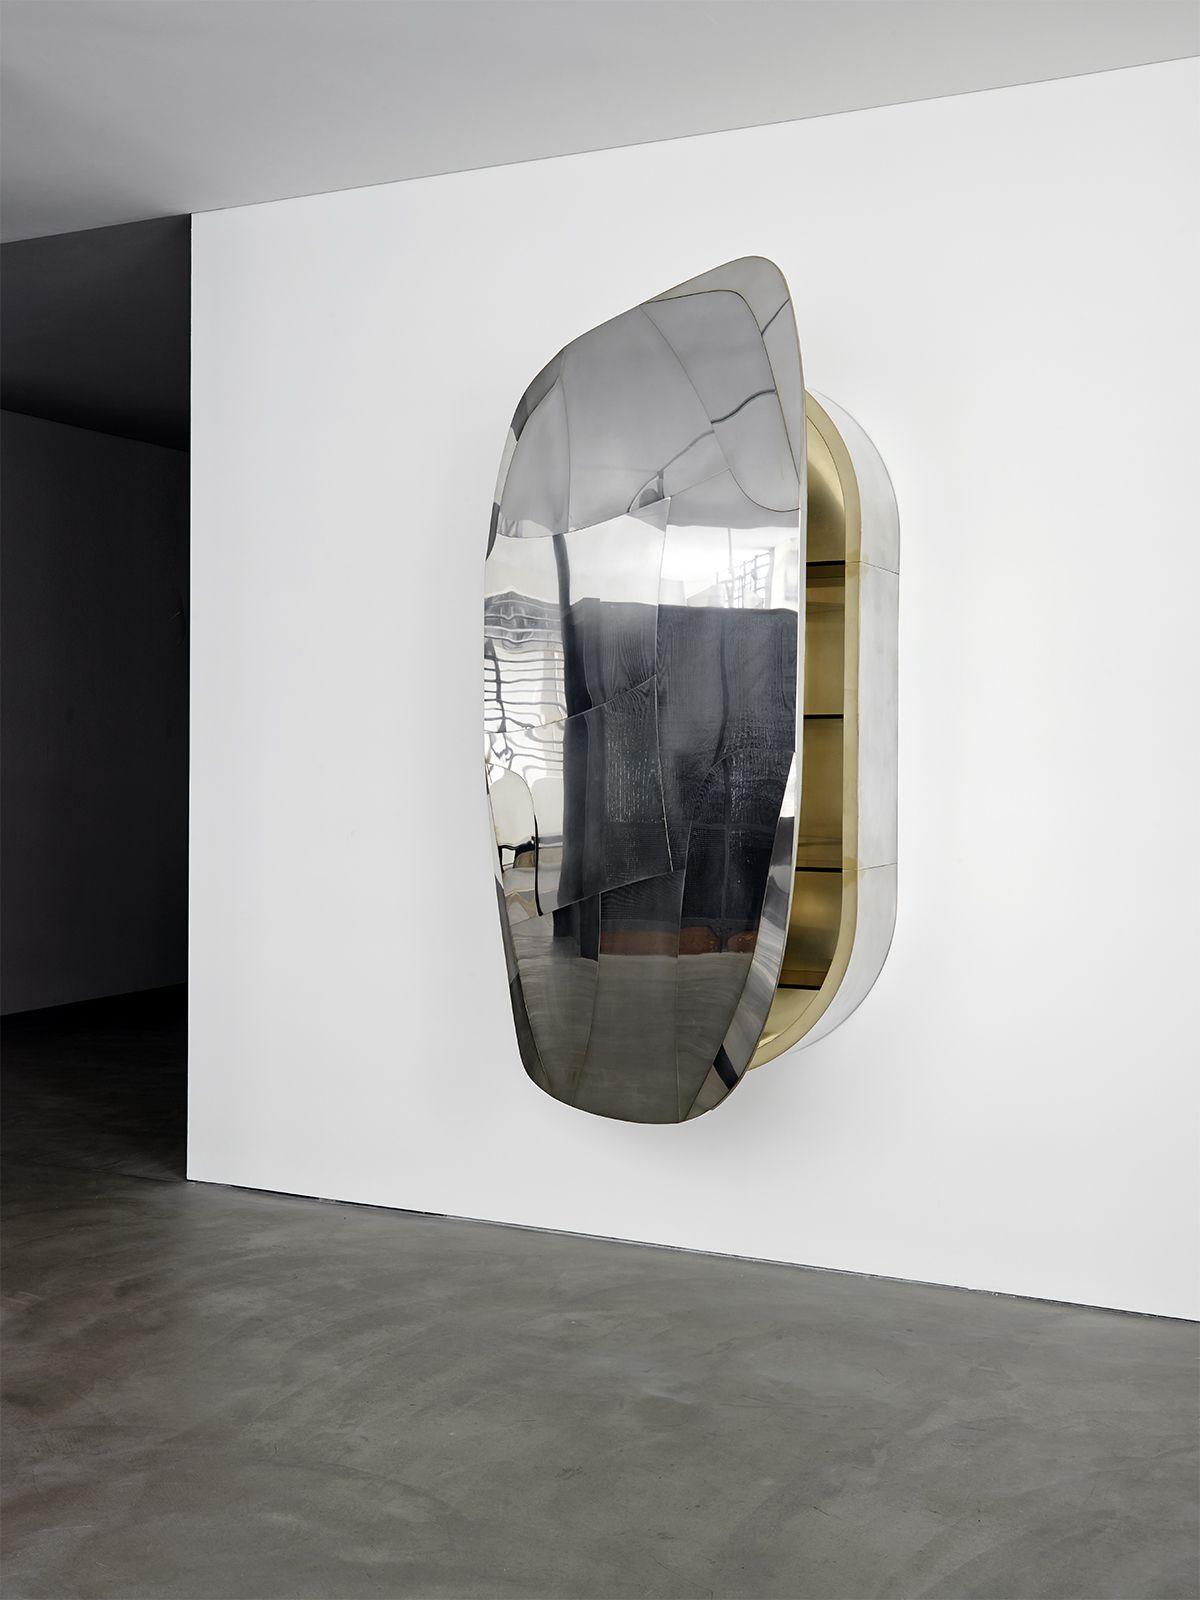 PROGETTO DOMESTICO | mirror cabinet | wall sculpture | J ...